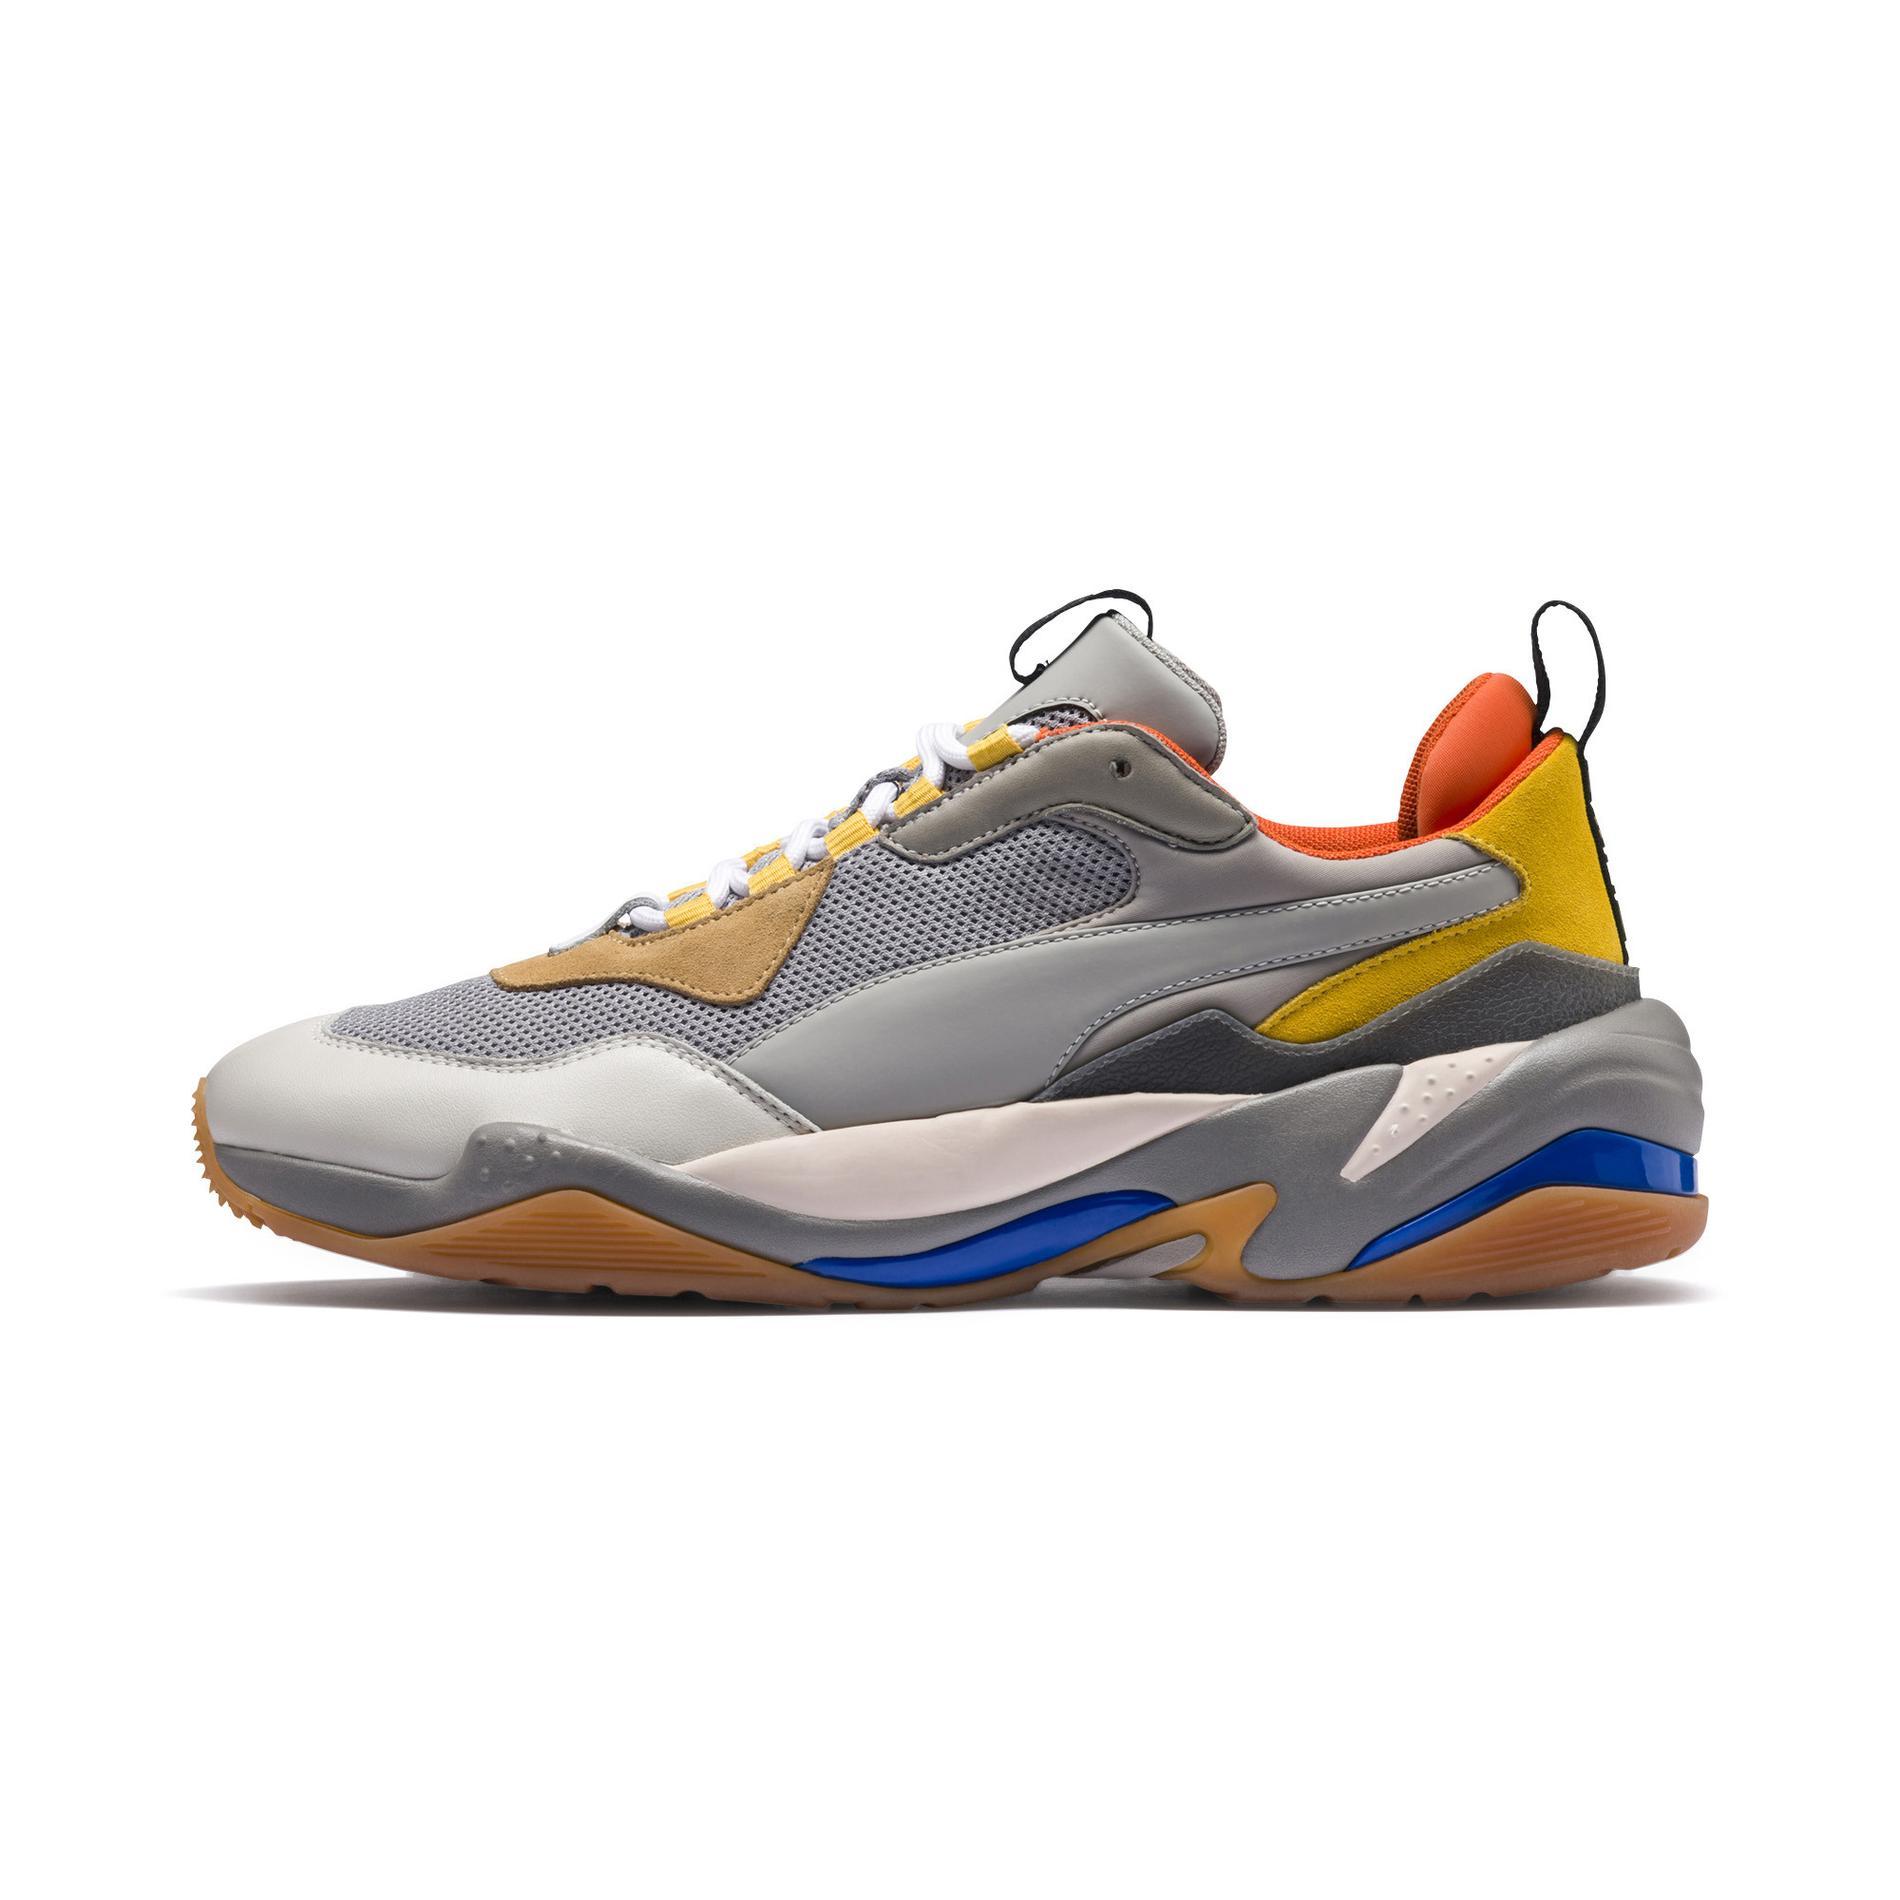 Sont Shoes Hiver Falloir De Retour Dad S'y Faire Il Les Cet Va SU8q56wz